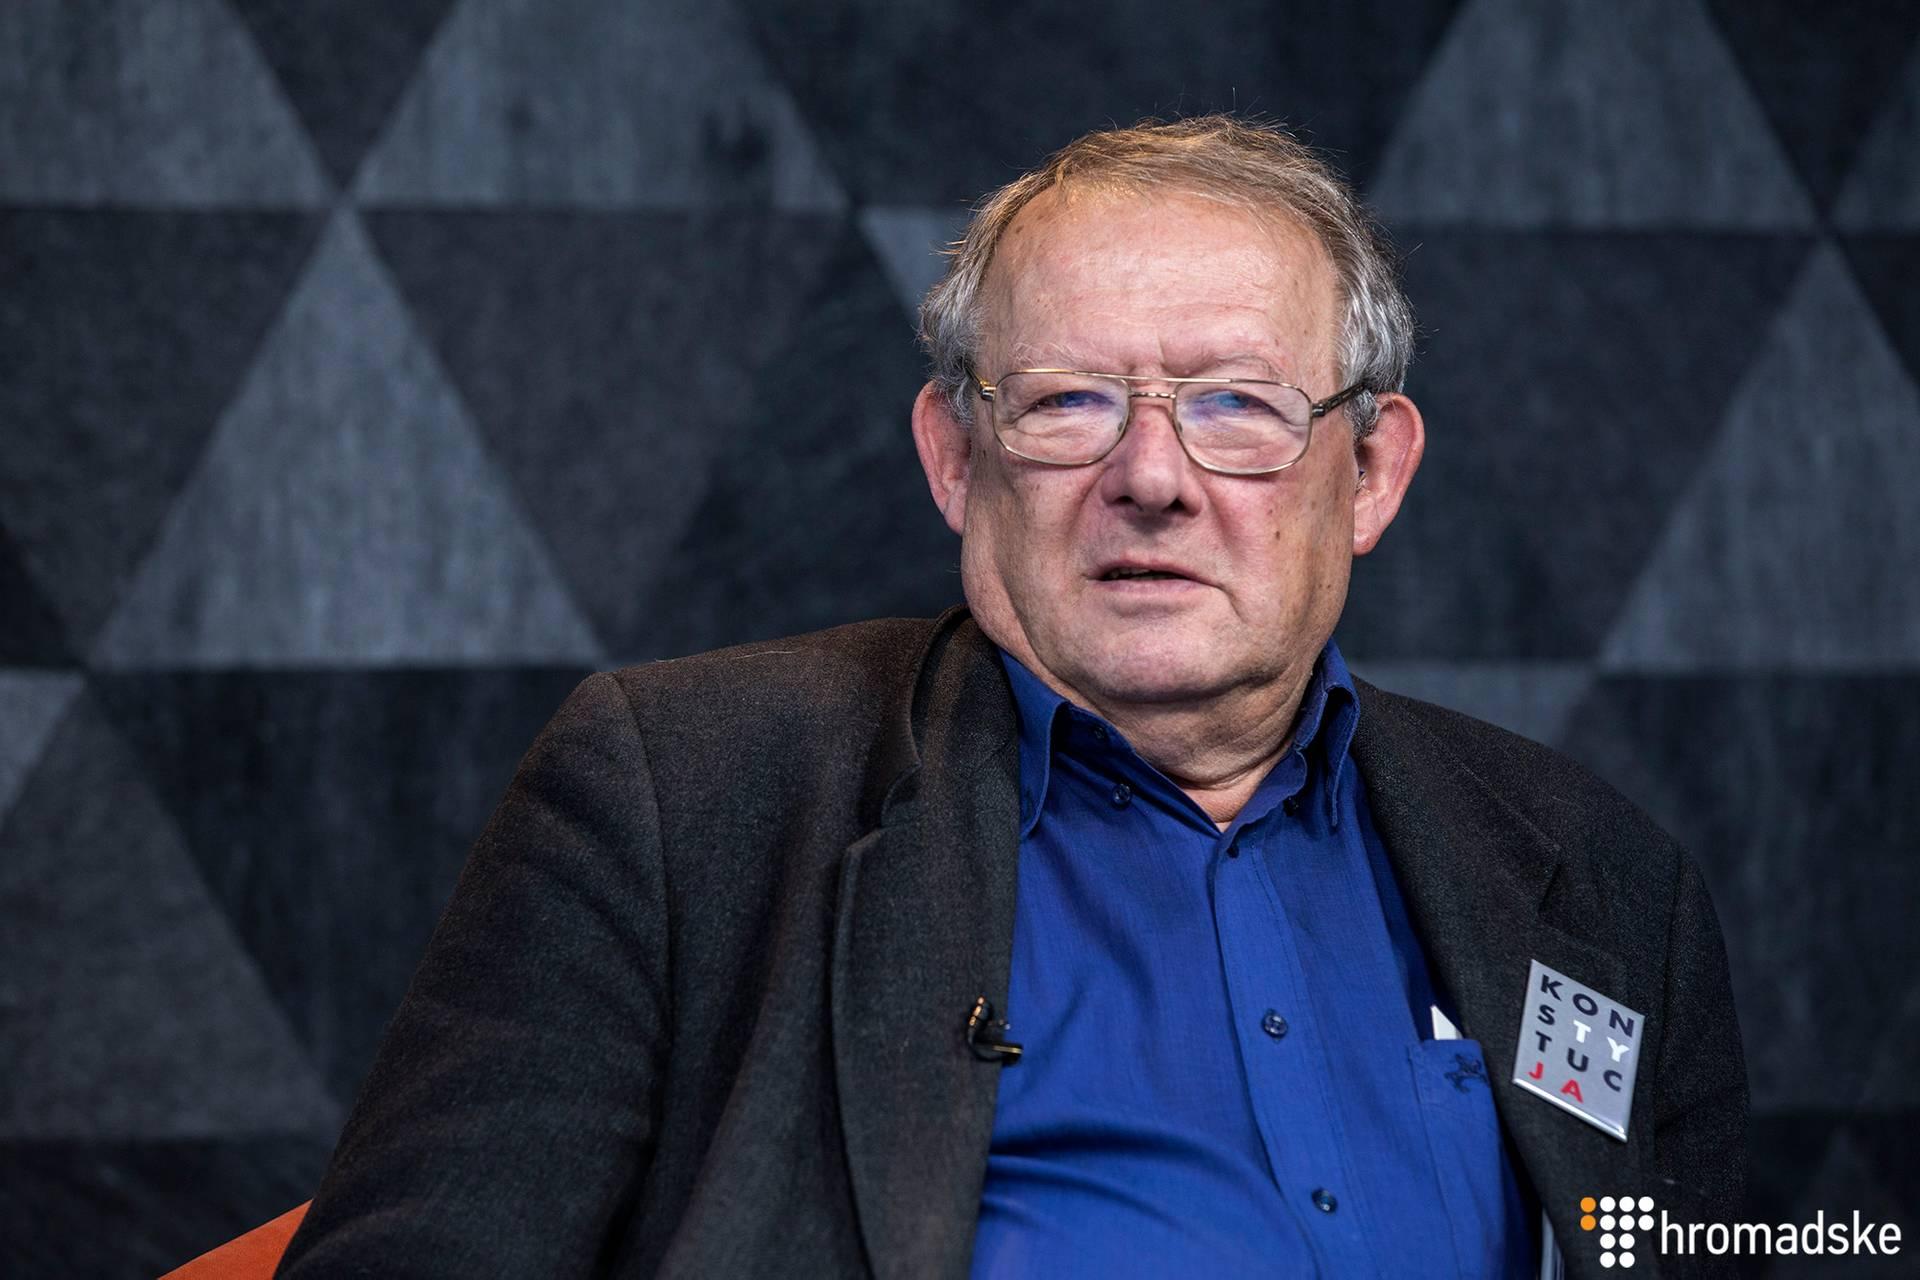 Головний редактор «Газети виборчої» Адам Міхнік у студії Громадського, Київ, 24 листопада 2018 року